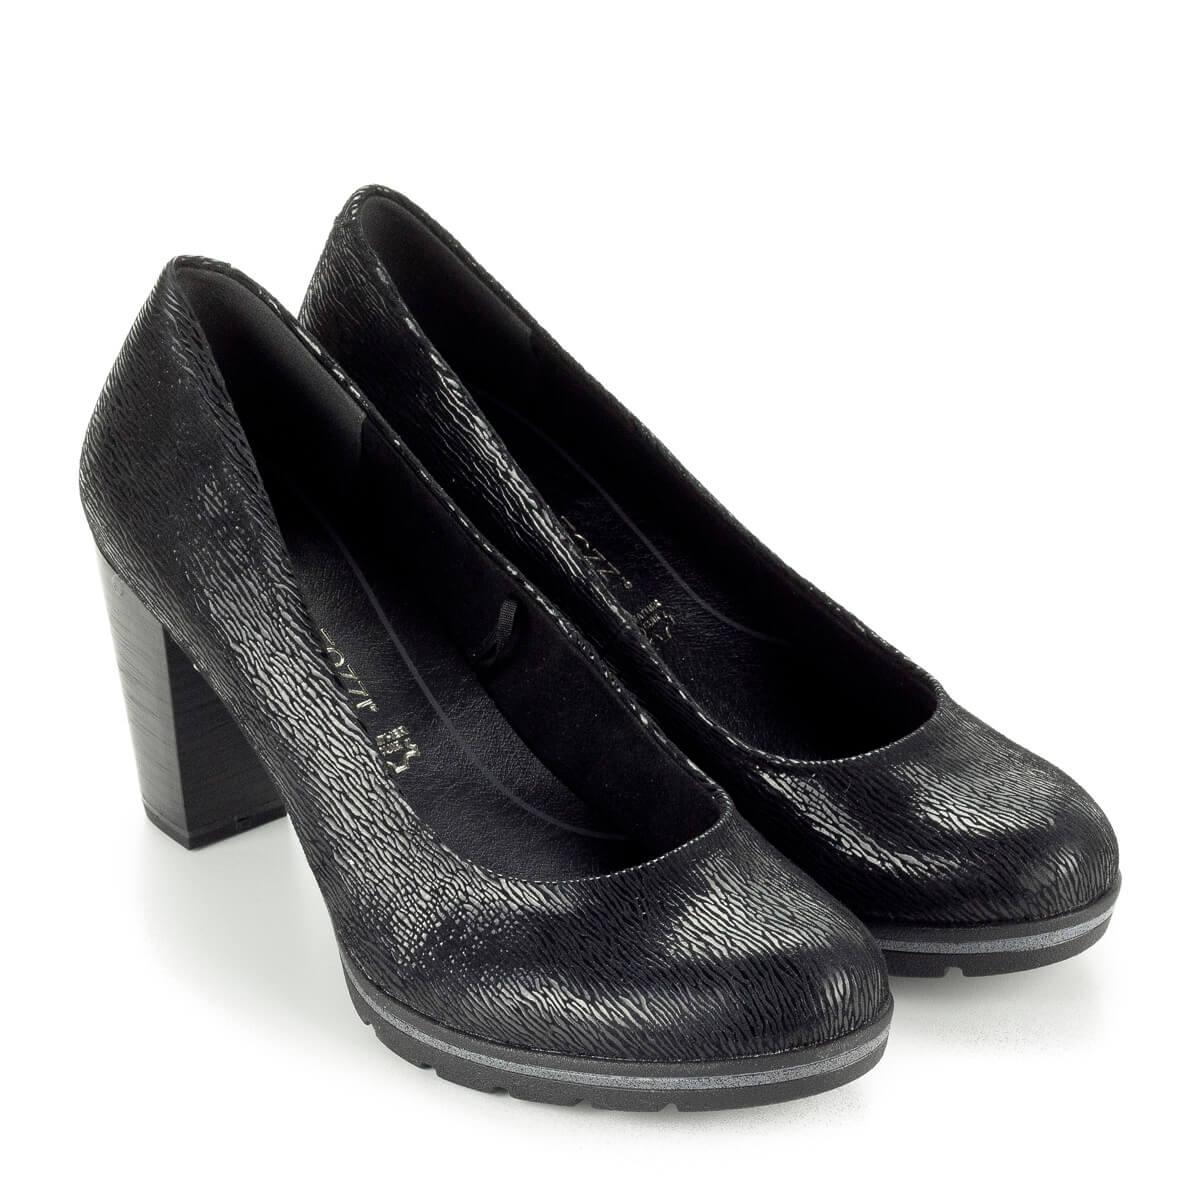 bb59cffa01 Magas sarkú Marco Tozzi cipő vastag recés gumi talppal, 7,5 cm magas  AntiShokk ...